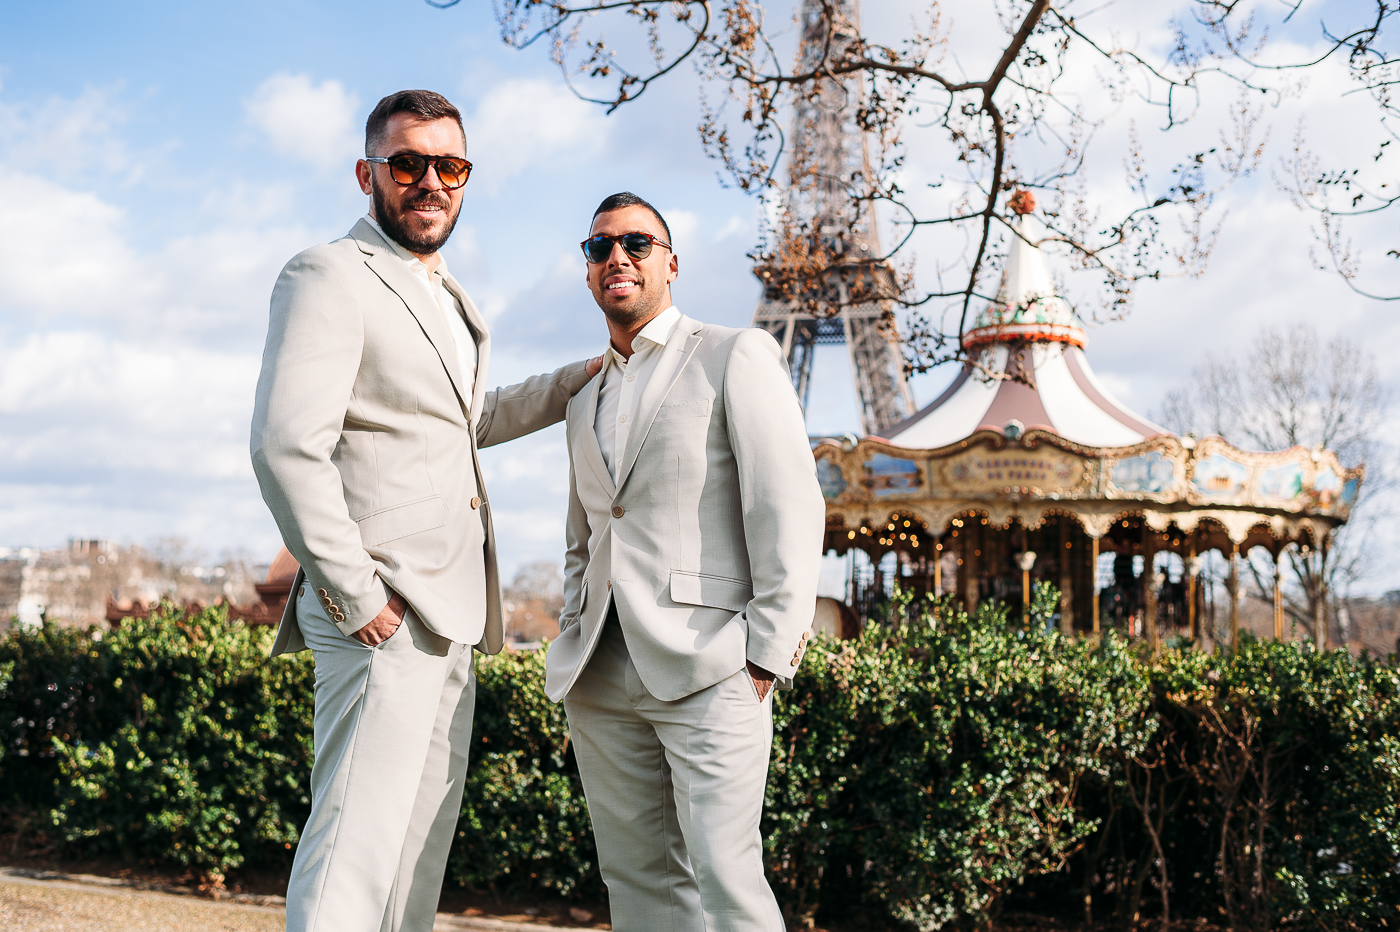 sessao de fotos gay em paris